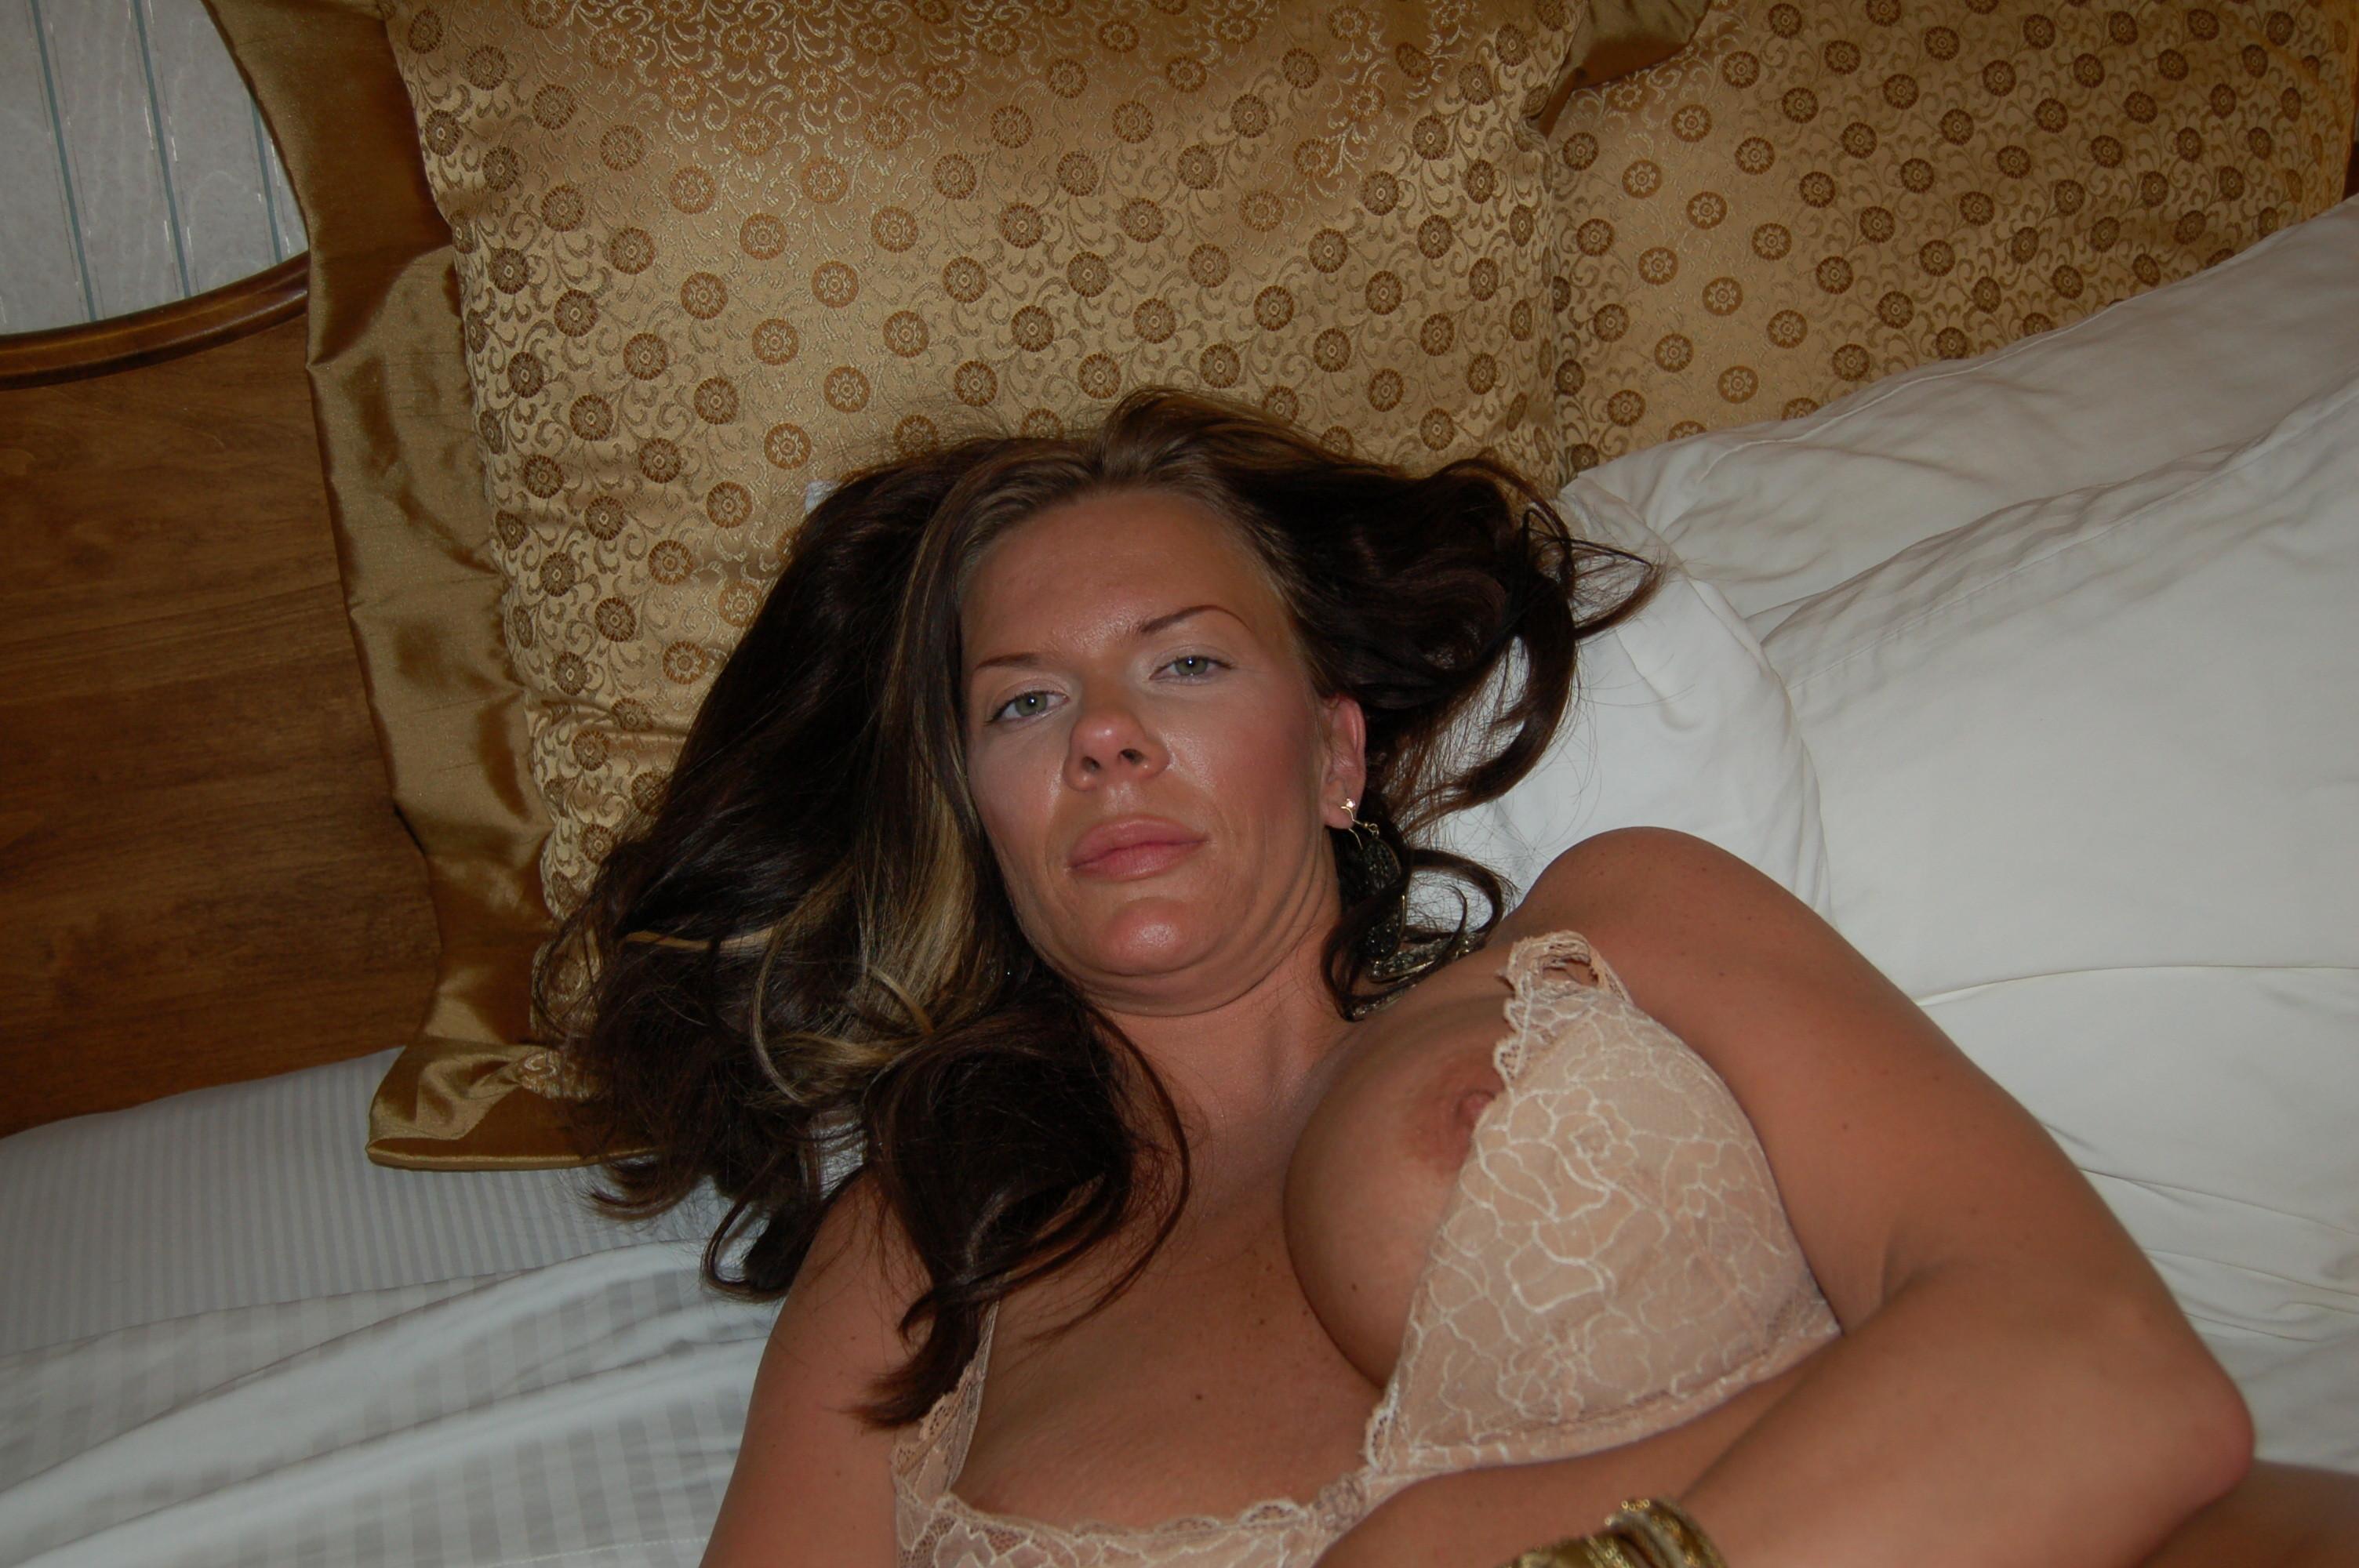 Eva larue hot photo